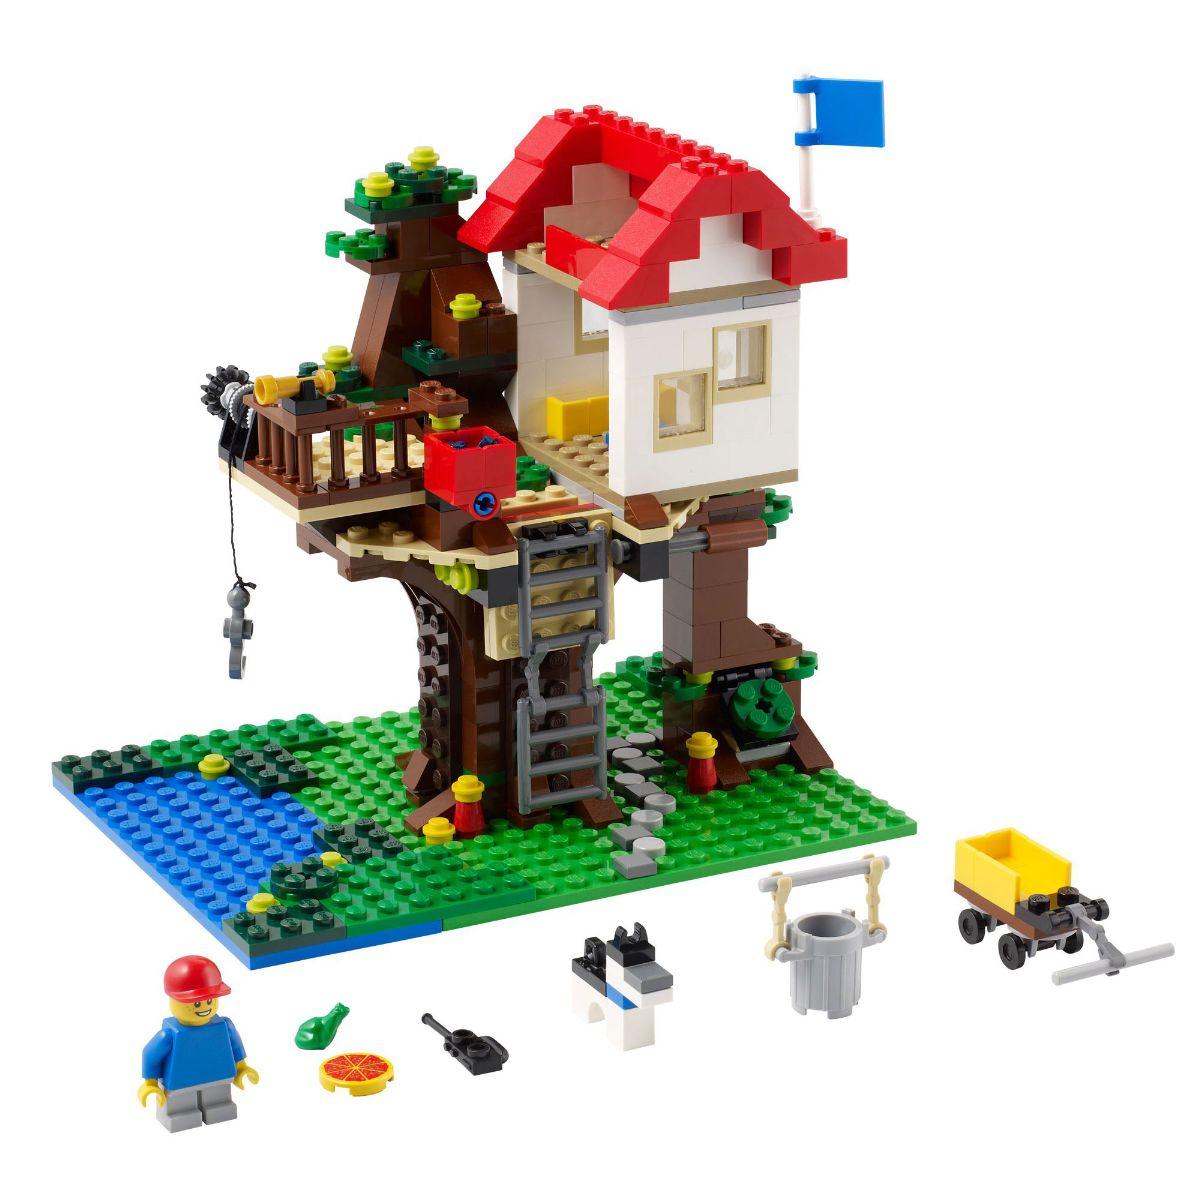 Đồ chơi LEGO 31010 - Xếp hình ngôi nhà trên cây